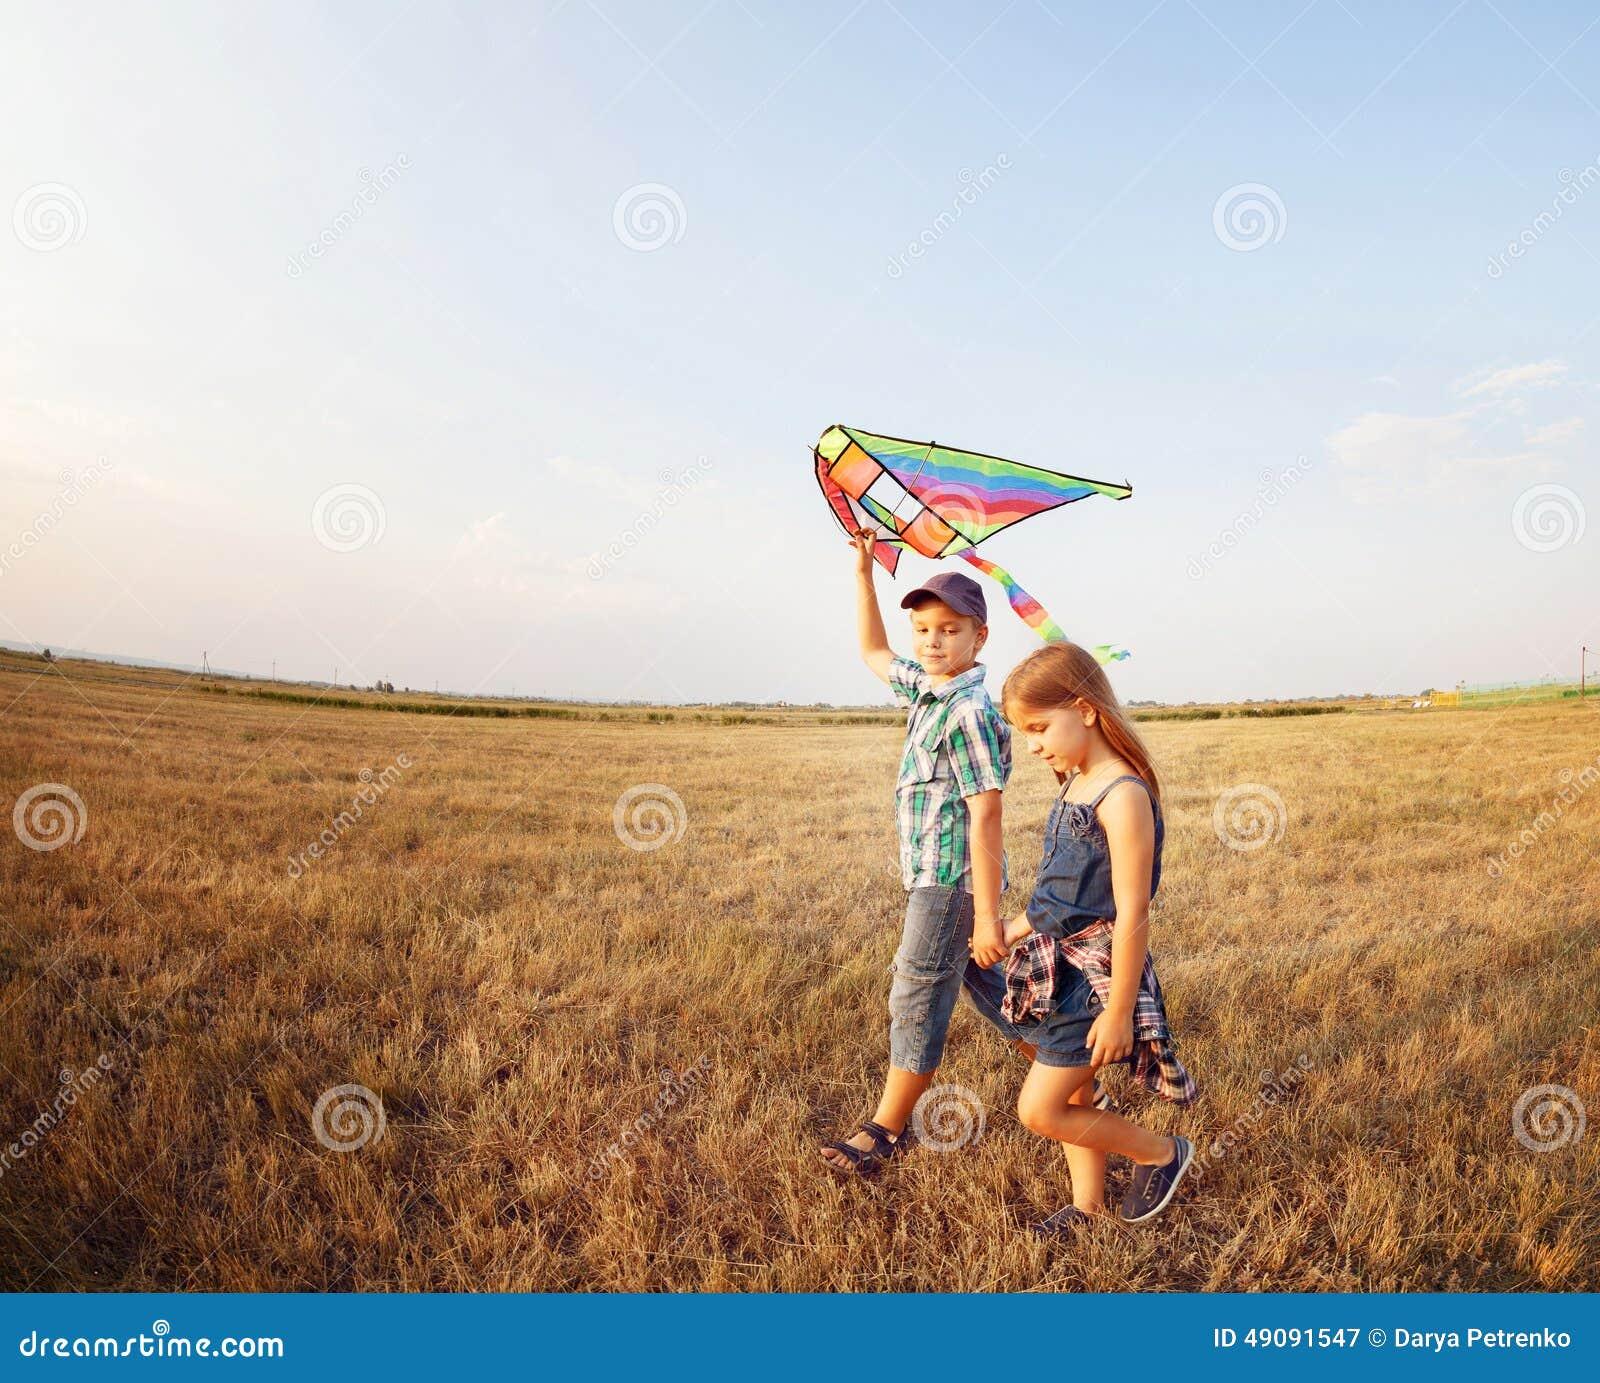 Gelukkig jongen en meisje met heldere vlieger op een weide stock afbeelding afbeelding 49091547 - Twee meisjes en een jongen ...